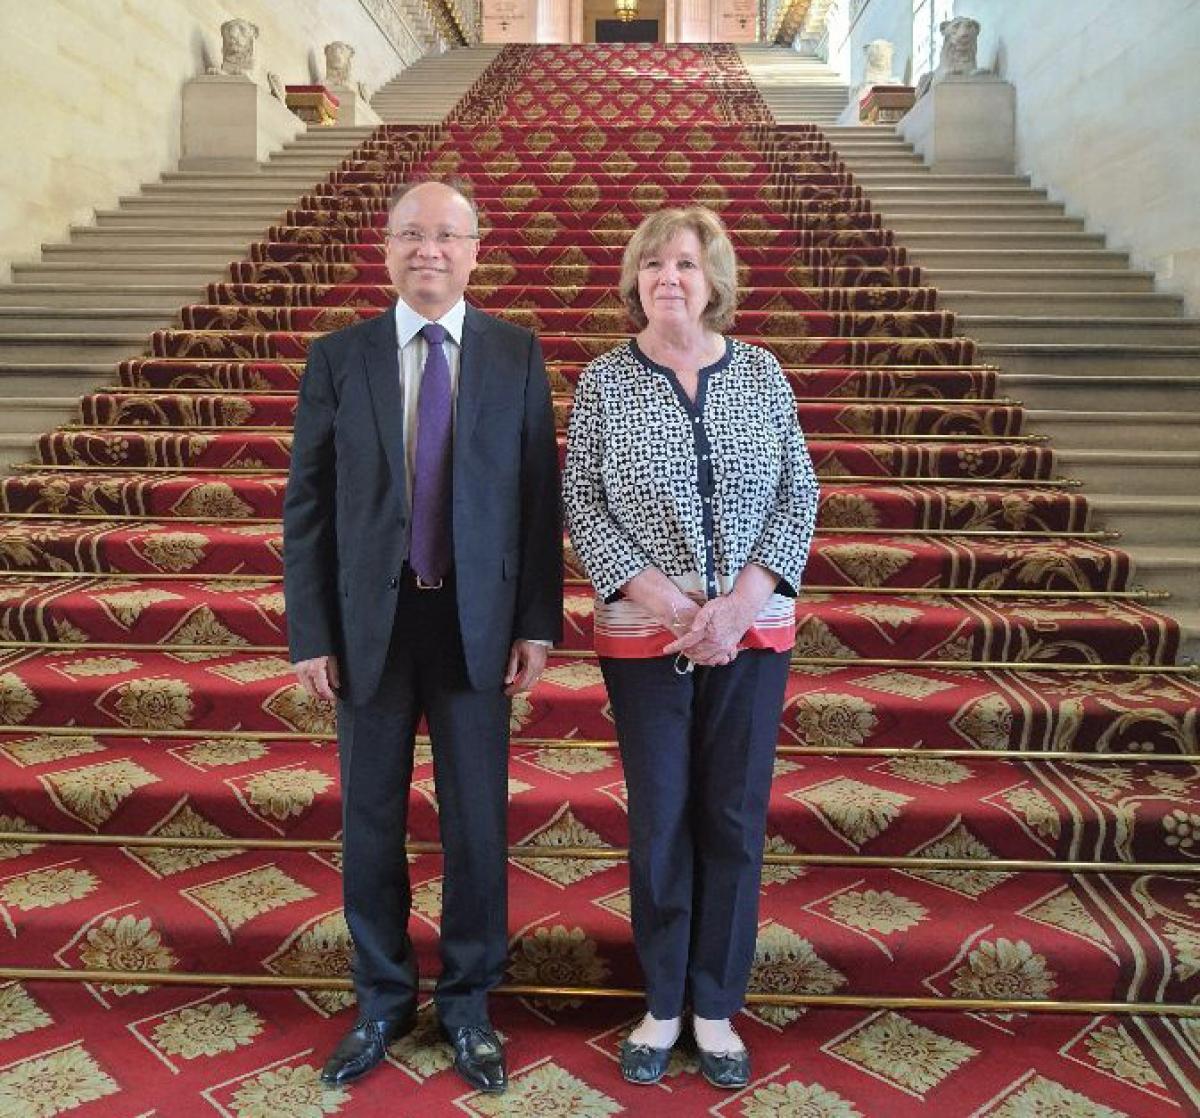 Đại sứ Đinh Toàn Thắng và bà Catherine Deroche